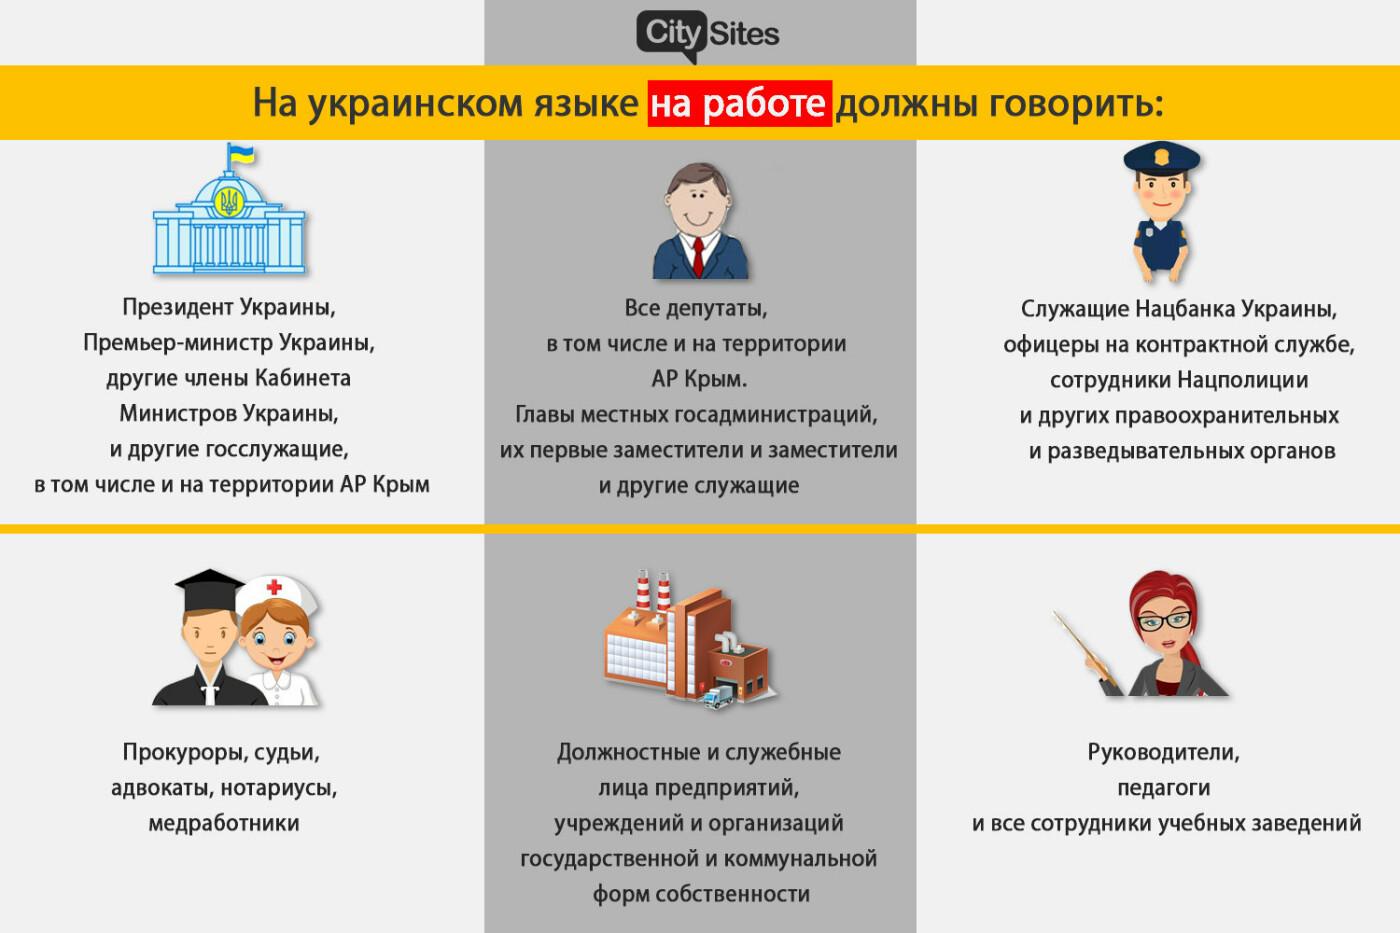 Закон об украинском языке вступил в силу: какие положения актуальны уже сегодня и что дальше, - ИНФОГРАФИКА, фото-1